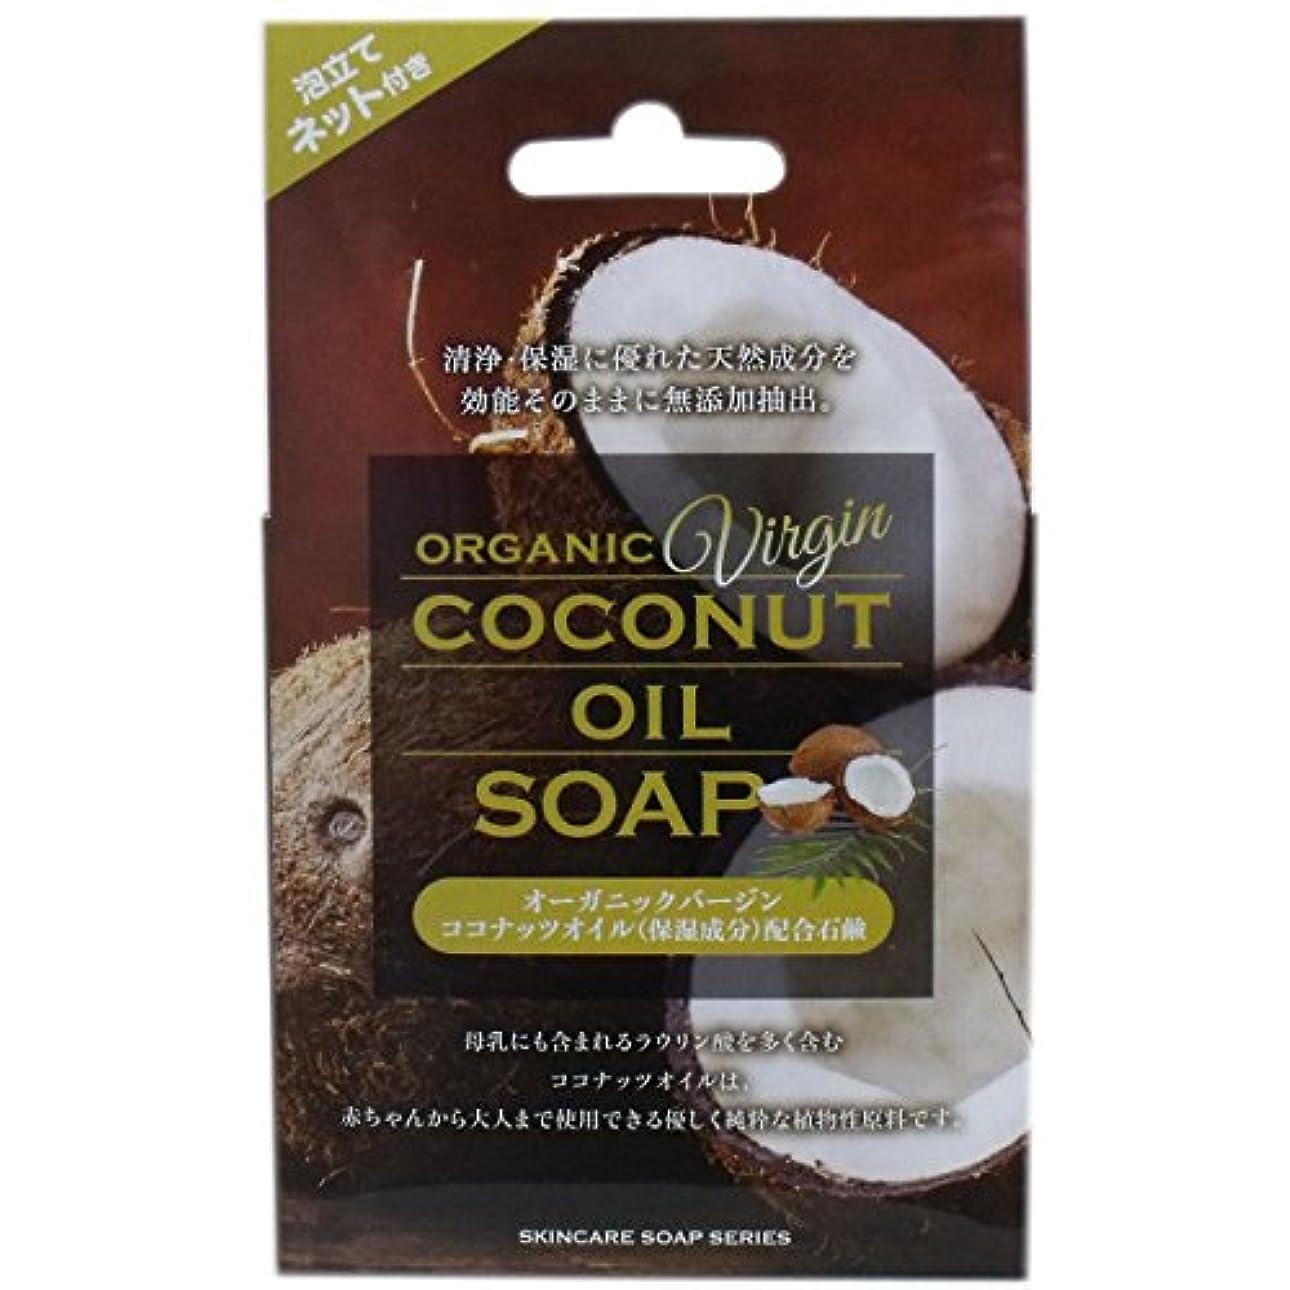 ヒギンズコジオスコかけるココナッツオイル配合ソープ 80g 石けん ×3個